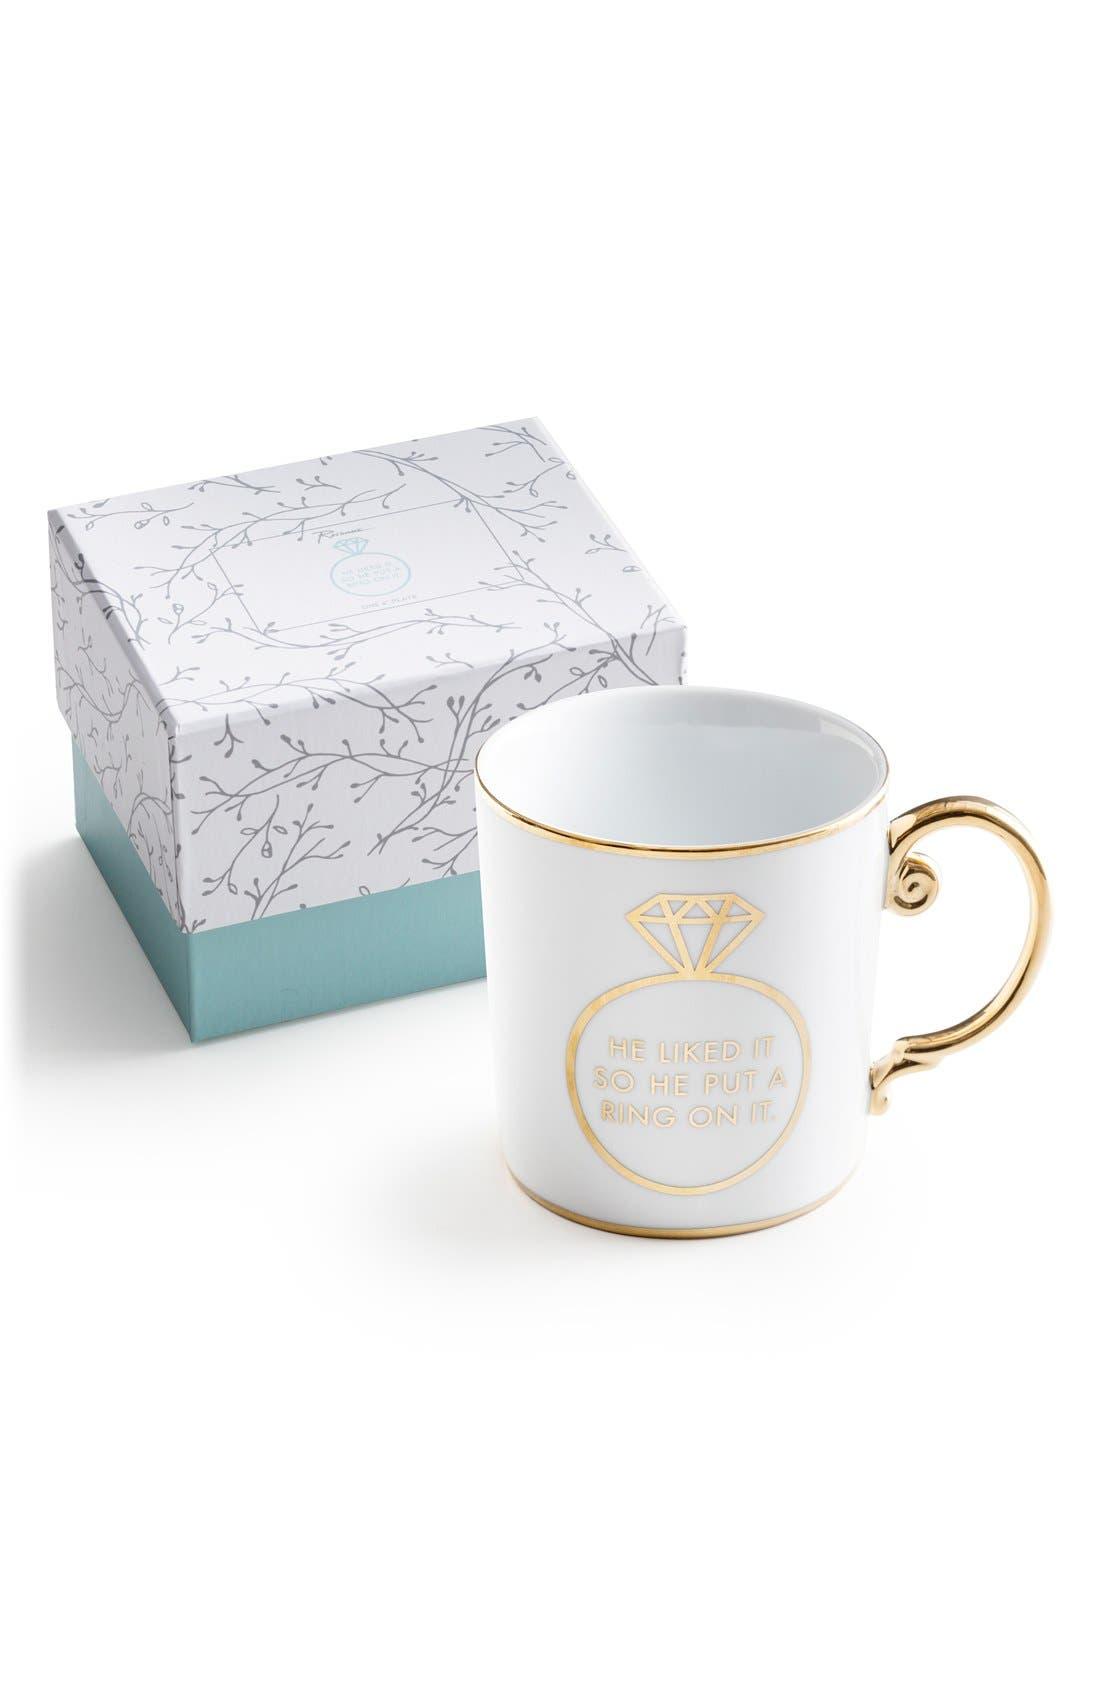 Main Image - Rosanna 'He Liked It so He Put a Ring on It' Porcelain Coffee Mug